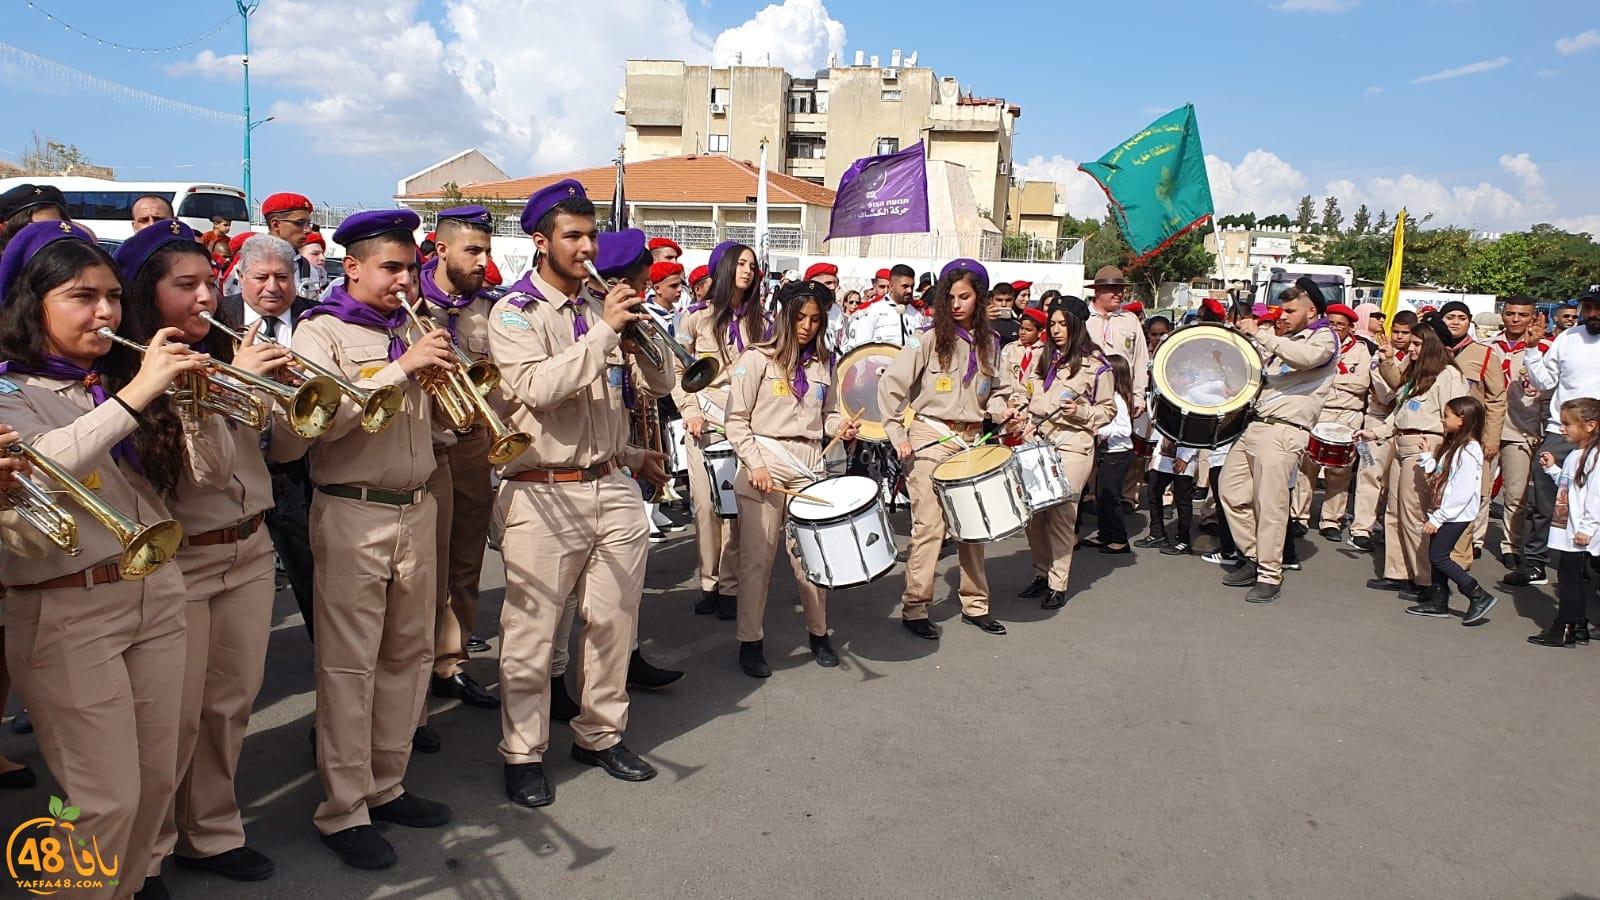 فيديو: جموع غفيرة من كافّة أنحاء البلاد تحتفل بعيد الخضر عيد لد